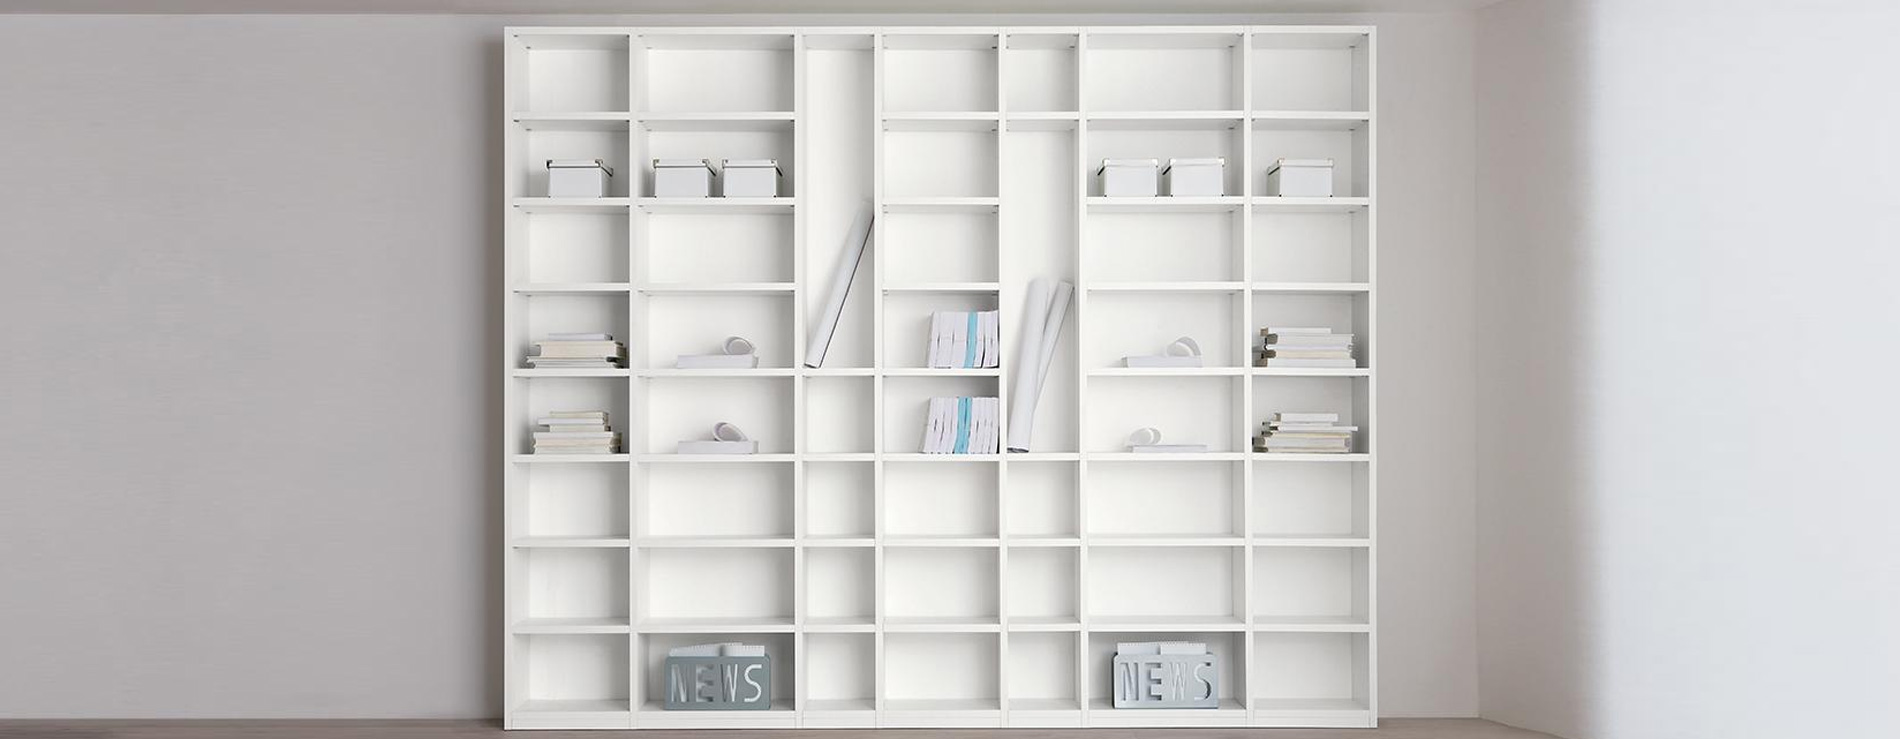 Scaffali ufficio Volumi | MobilOffice